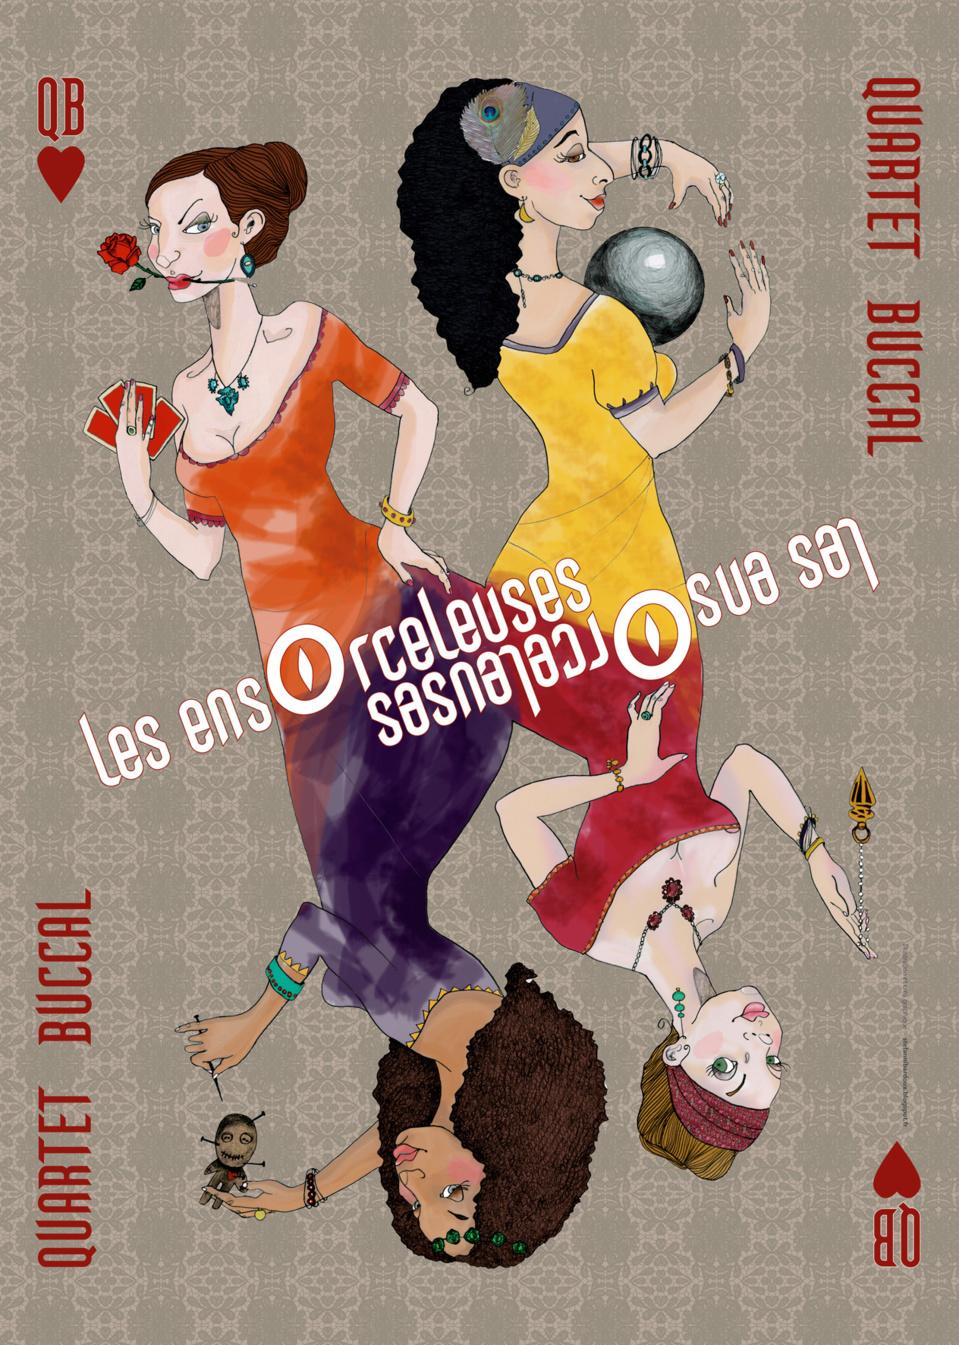 Pouzauges: soirée d'ouverture de la saison culturelle 2014-2015, le vendredi 19 septembre 2014